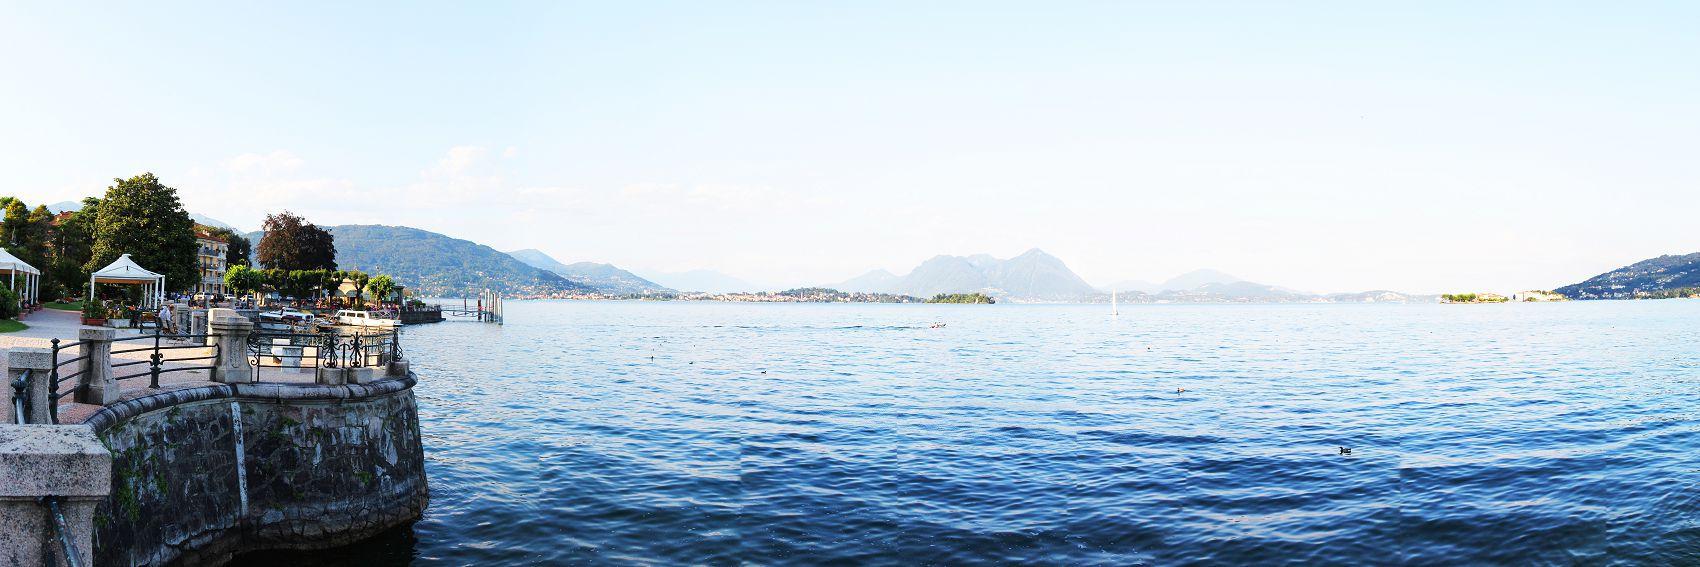 Озеро в Италии Комо